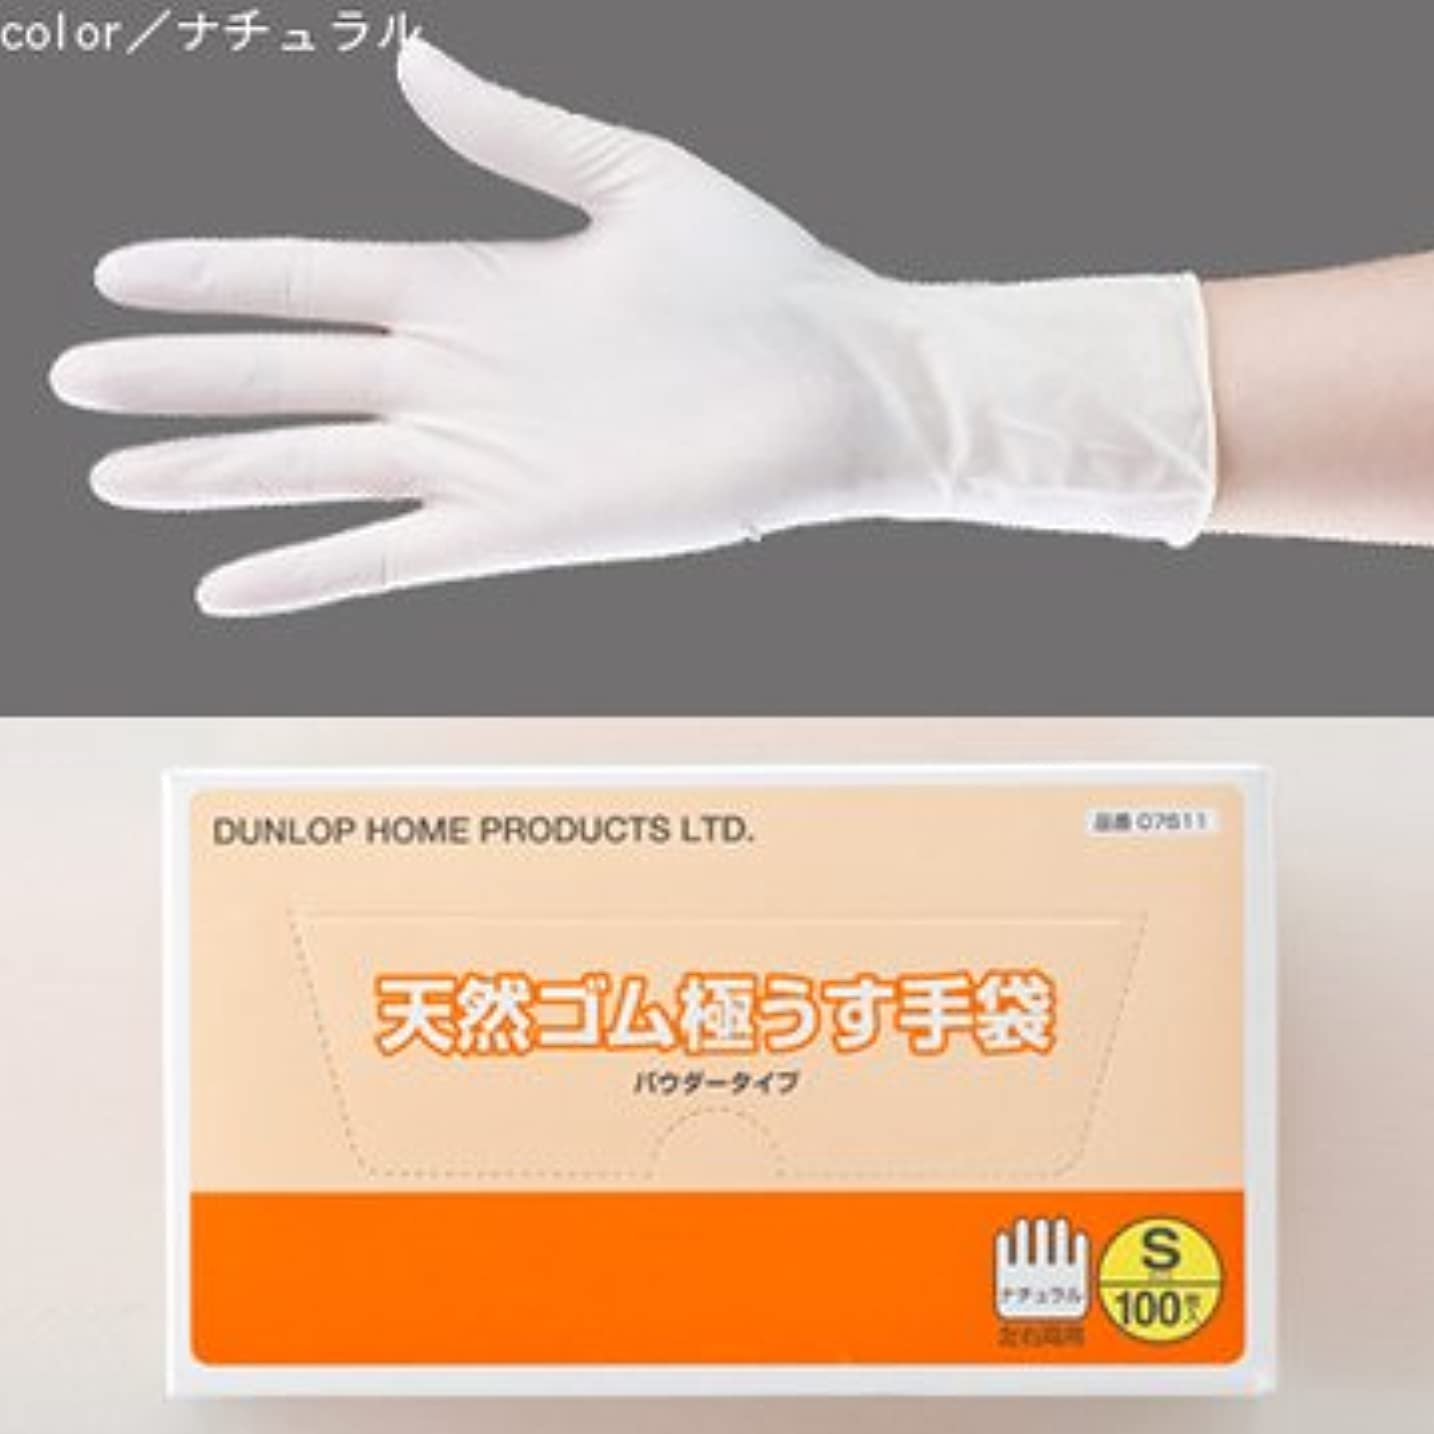 ターゲット懐疑論生物学天然ゴム極うす手袋 ナチュラルカラー 100枚入 (M)